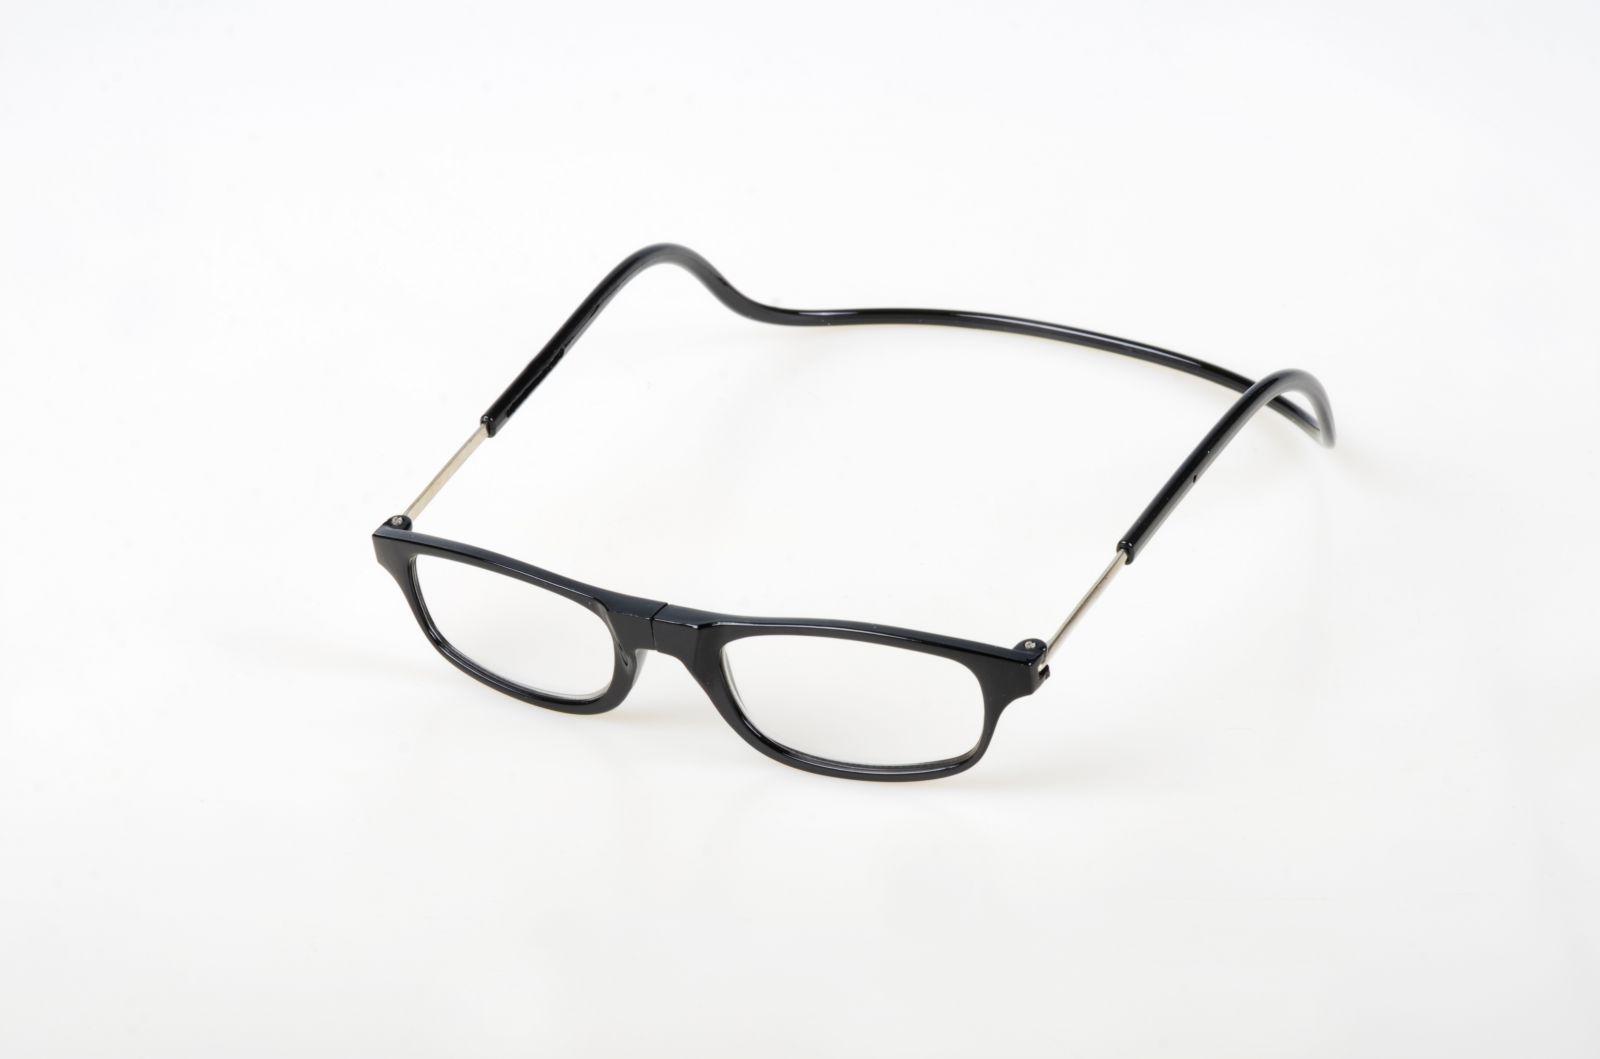 Dioptrické brýle na čtení s magnetem +3,5 - černé obruby